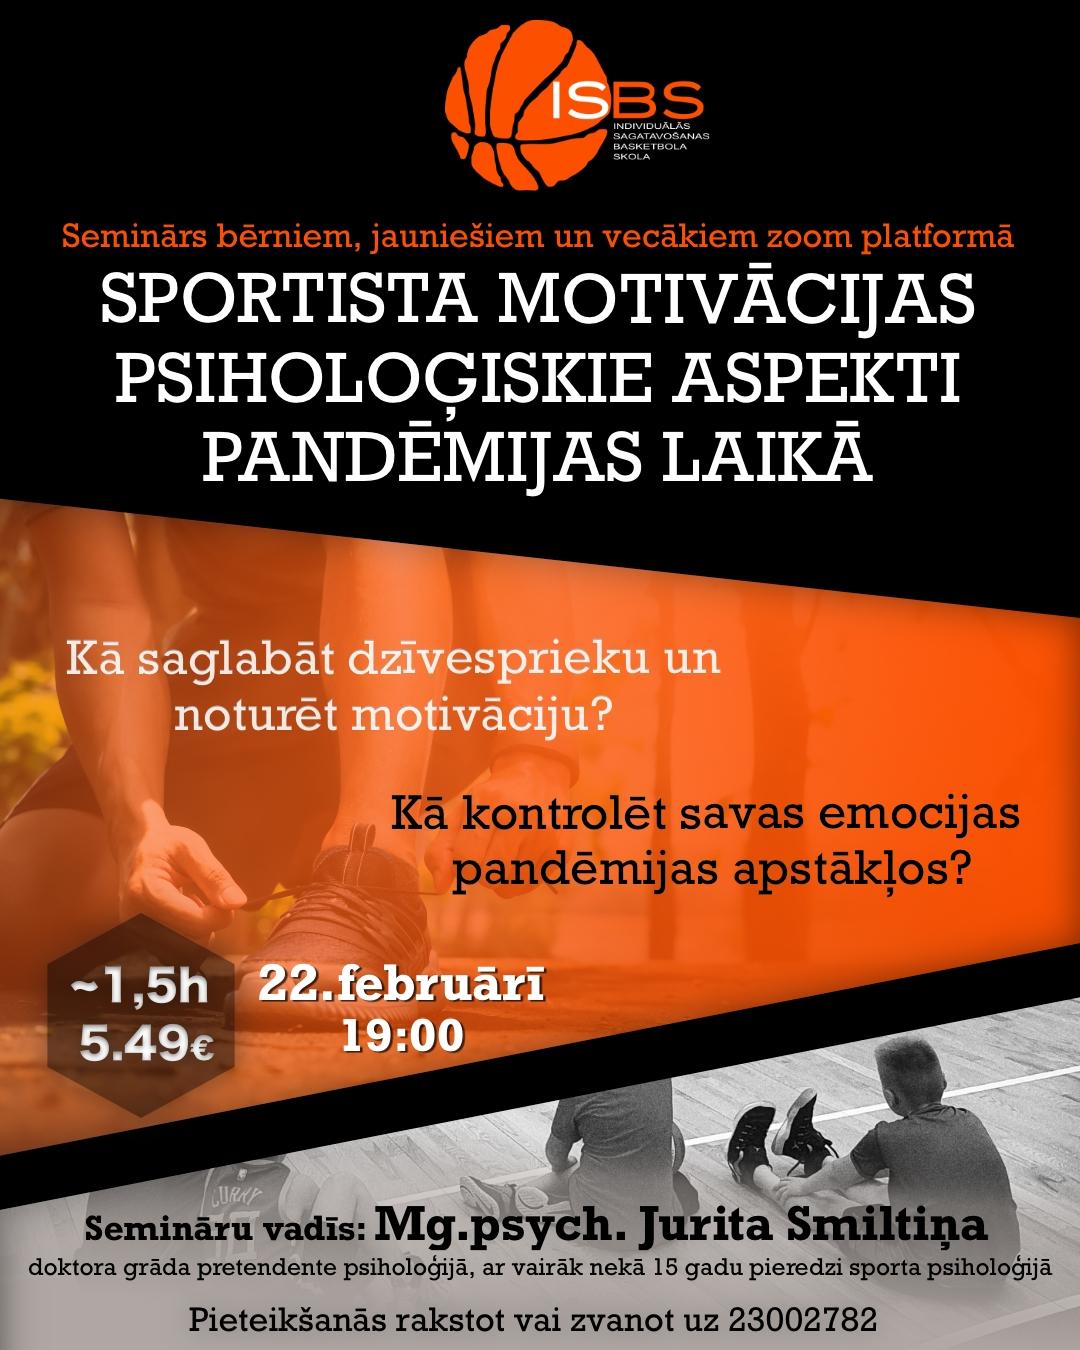 Seminārs: Sportista motivācijas psiholoģiskie aspekti pandēmijas laikā